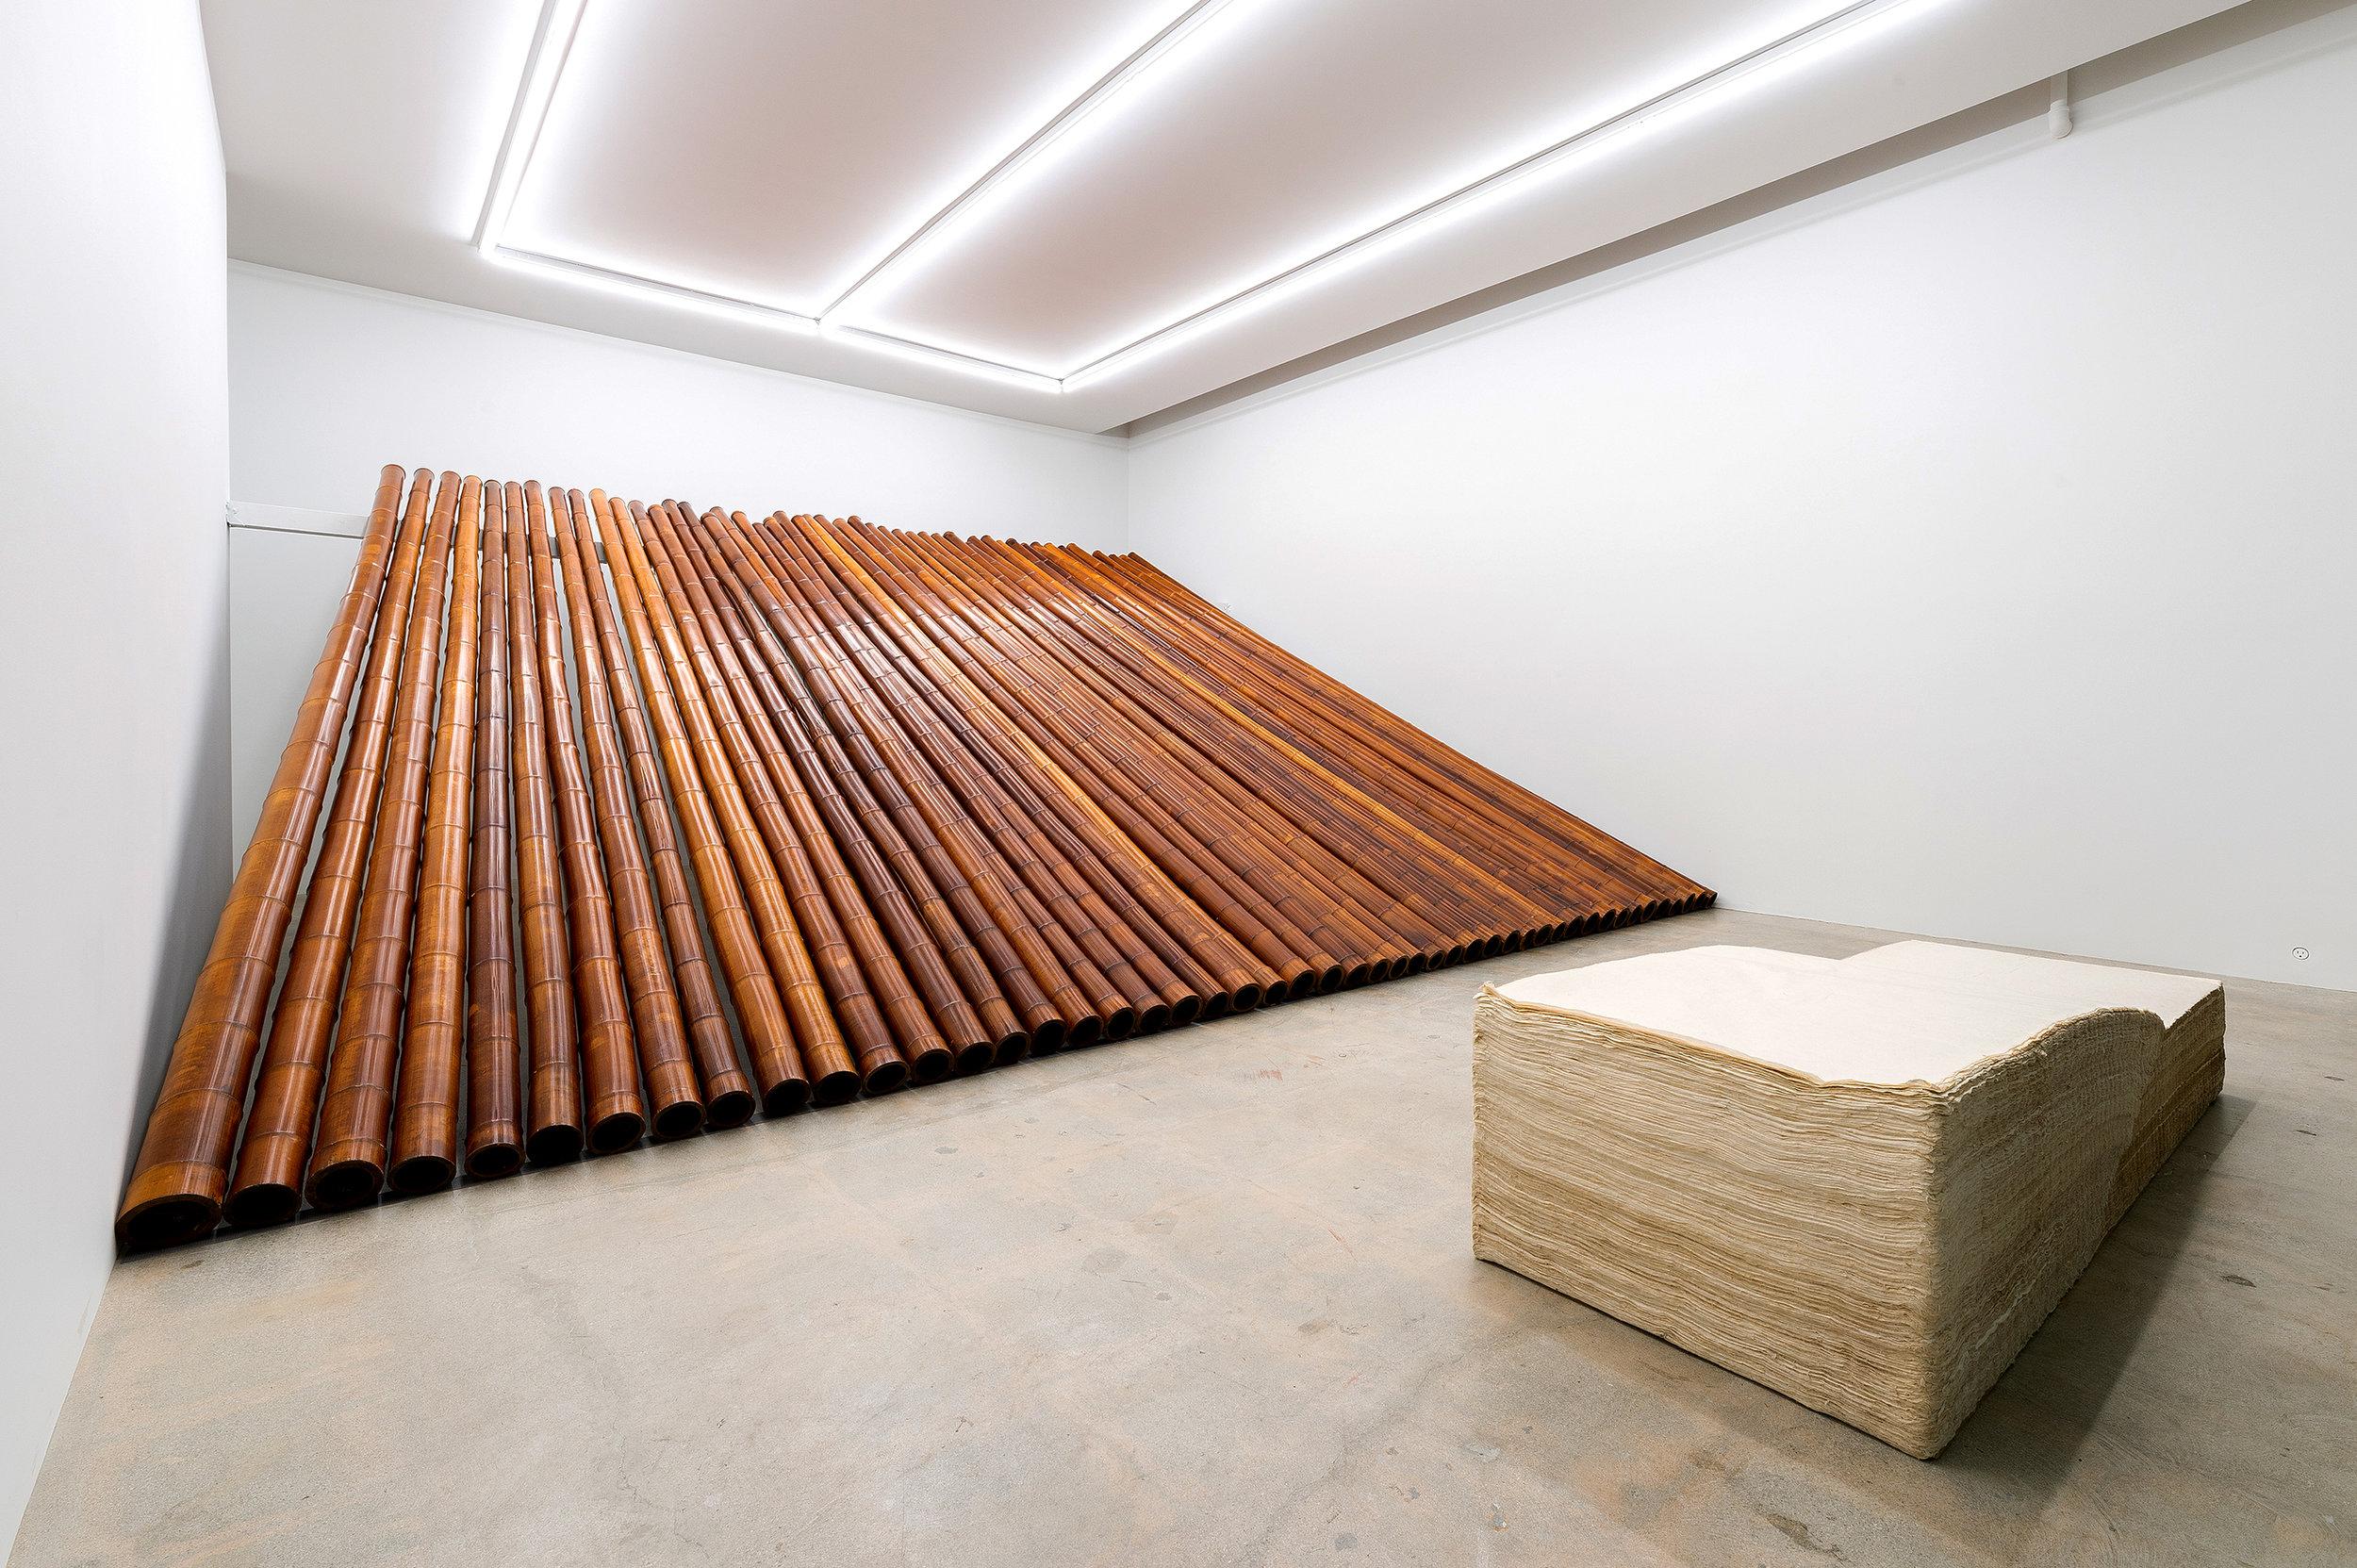 Paper No.1 BF, 1983, Bamboo No. 1 B, 1984